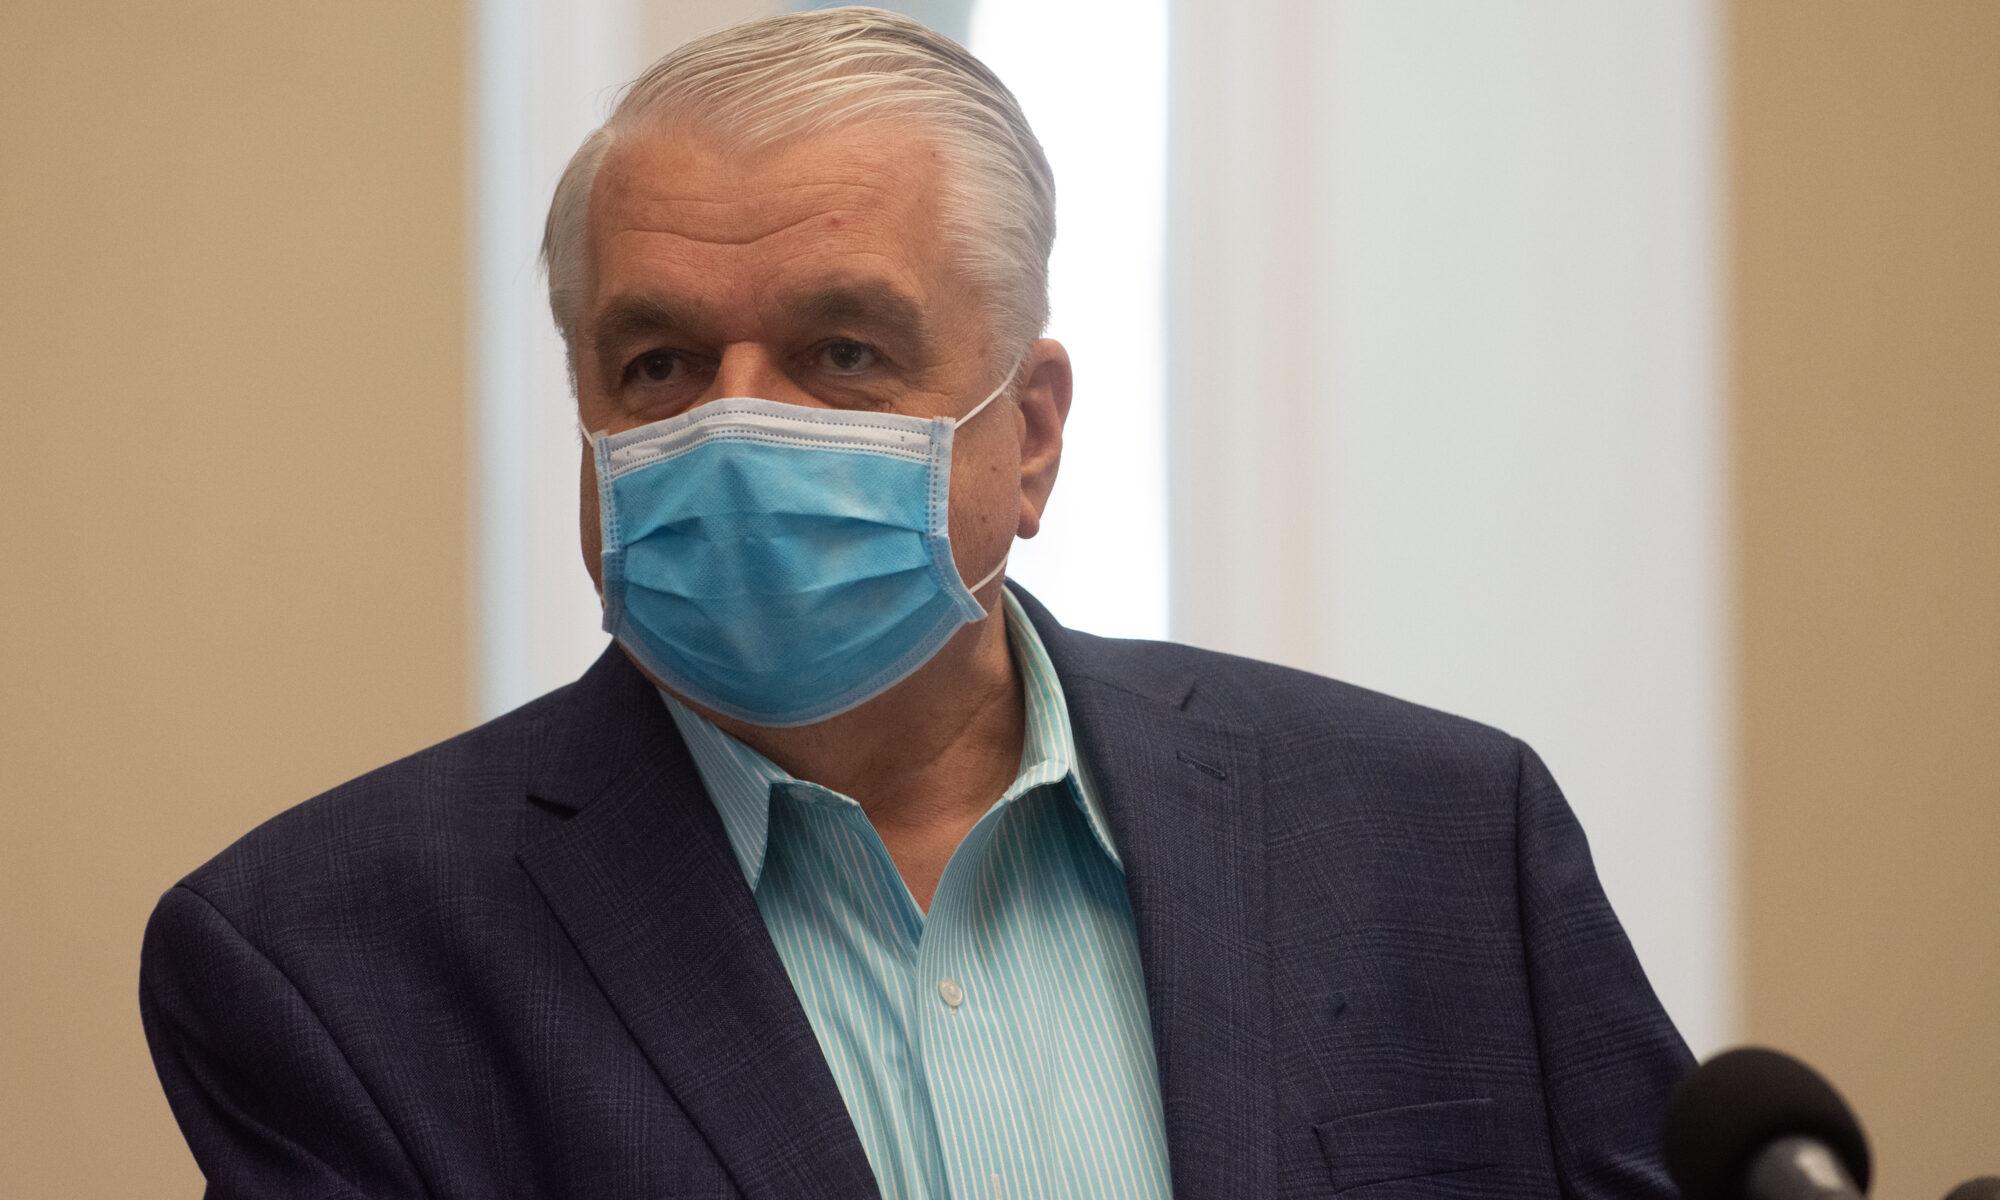 Gobernador de Nevada Steve Sisolak hablando con tapabocas